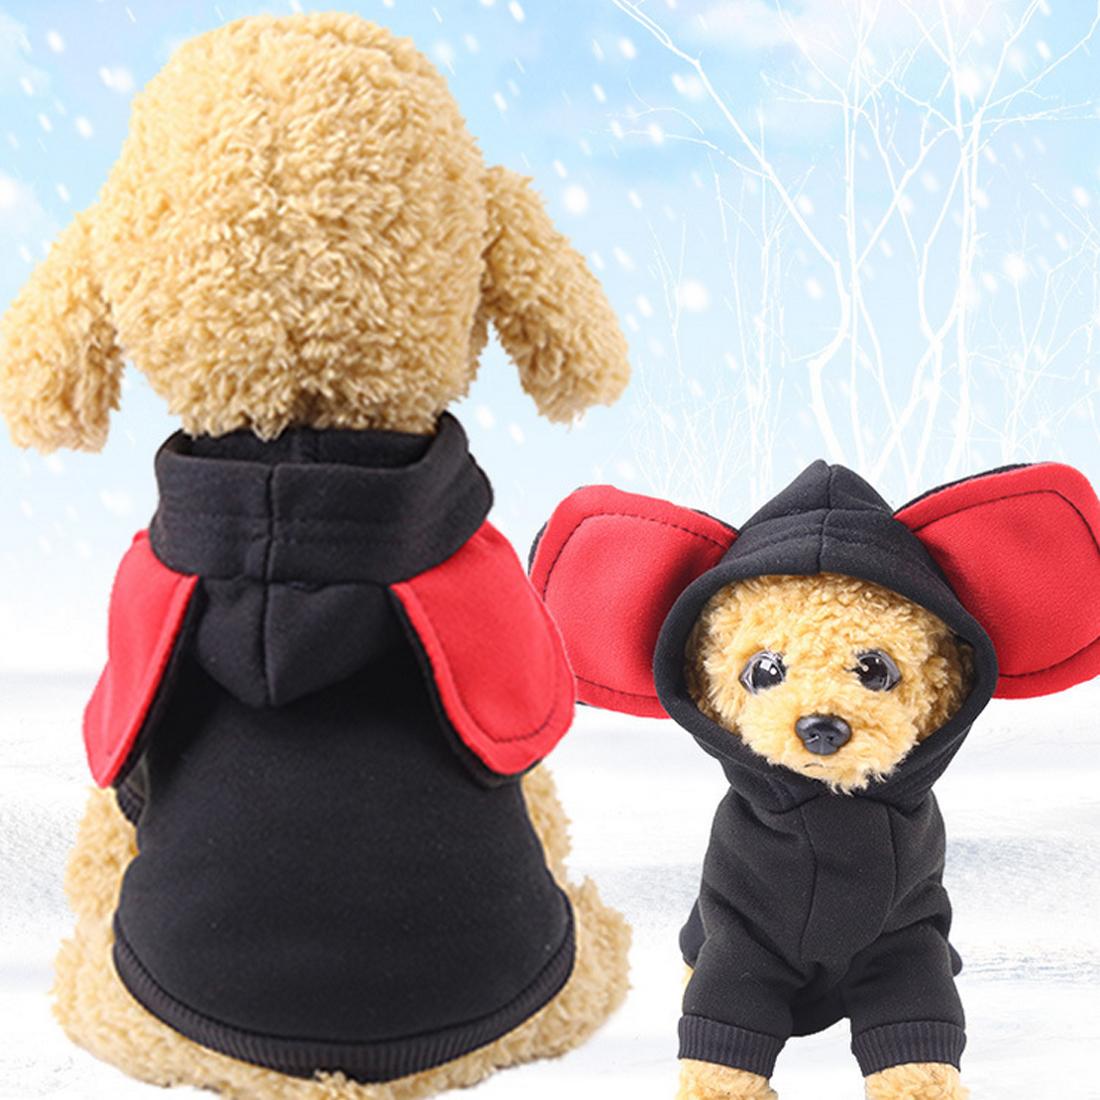 Pet Hoodie источники питания Источники питания Одежда для собак Большие Уши Одежда для собак Для маленьких собак Soft Winter Осень Чихуахуа Одежда Pet Outfit